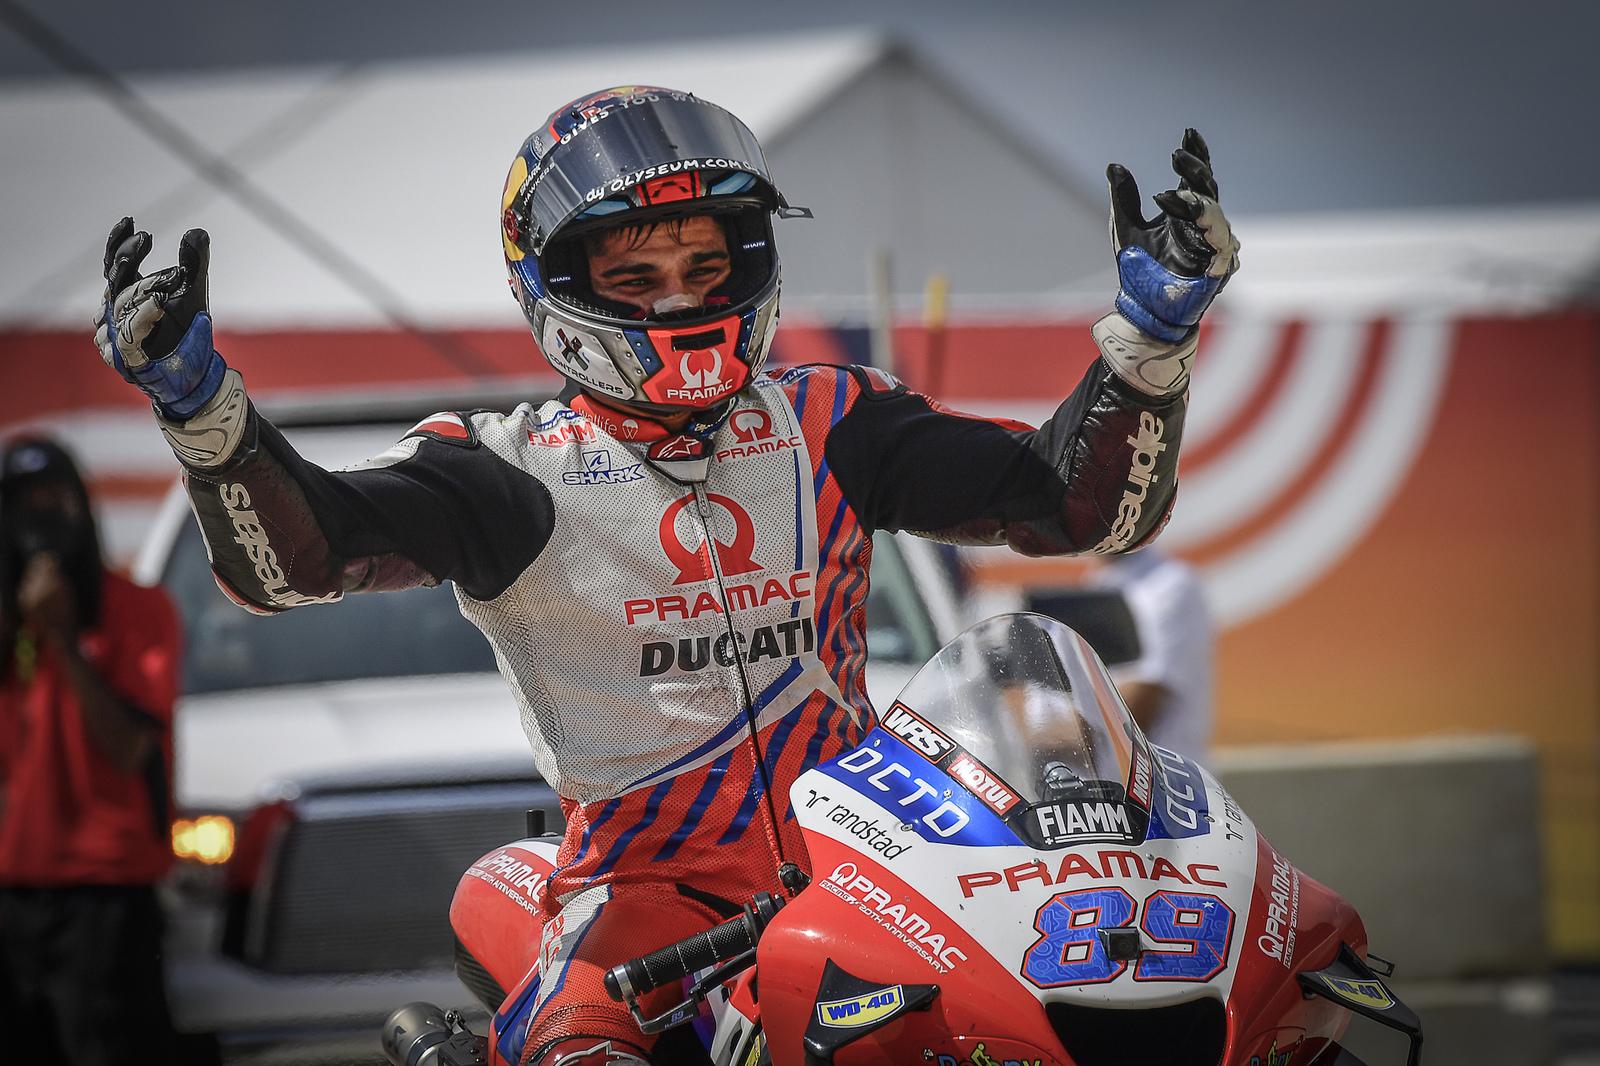 Jorge Martin podczas MotoGP na COTA w Austin (Teksas, USA)